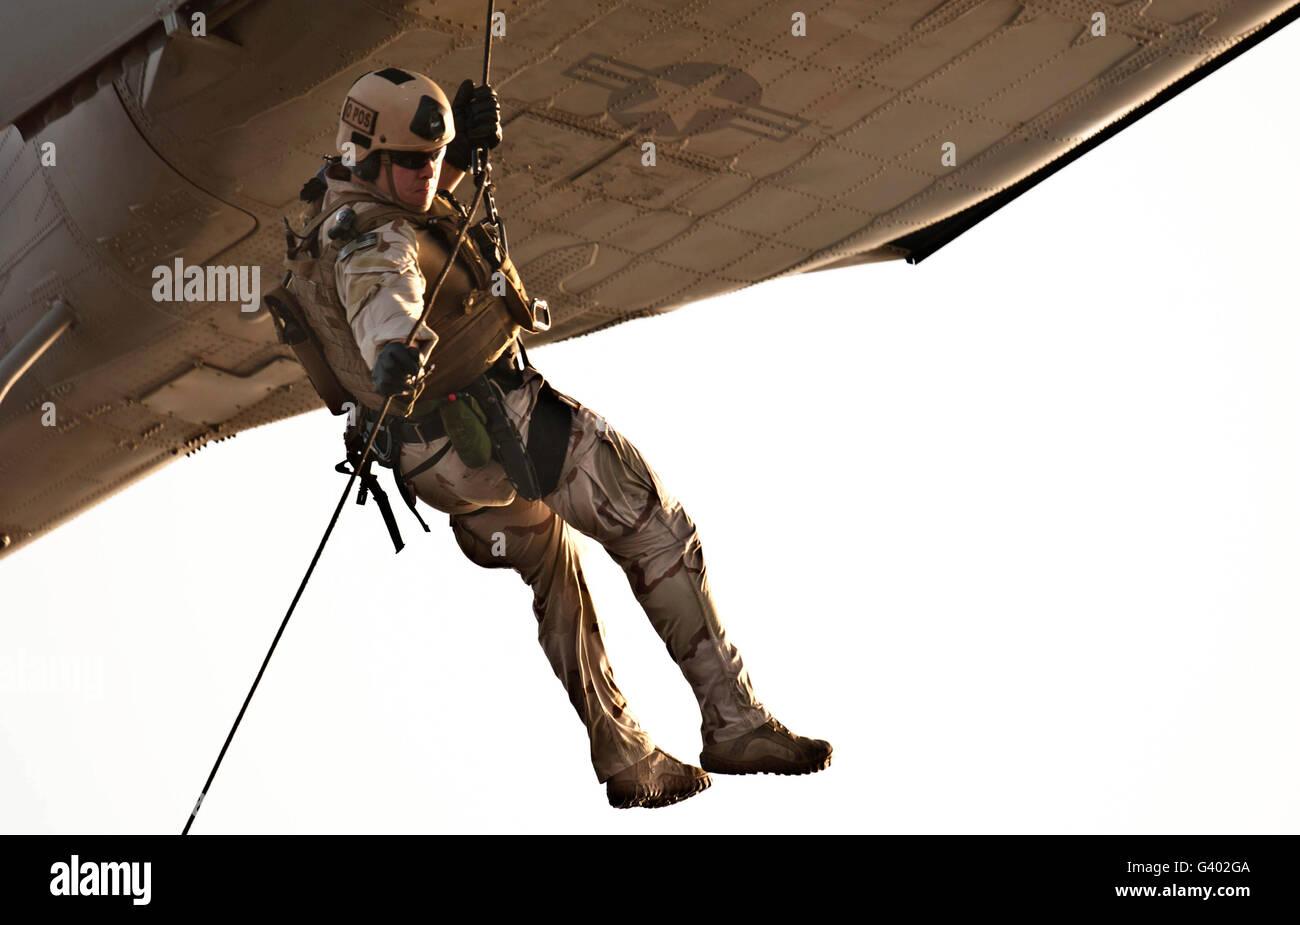 Un soldado rappel desde un helicóptero MH-60S Knighthawk. Imagen De Stock